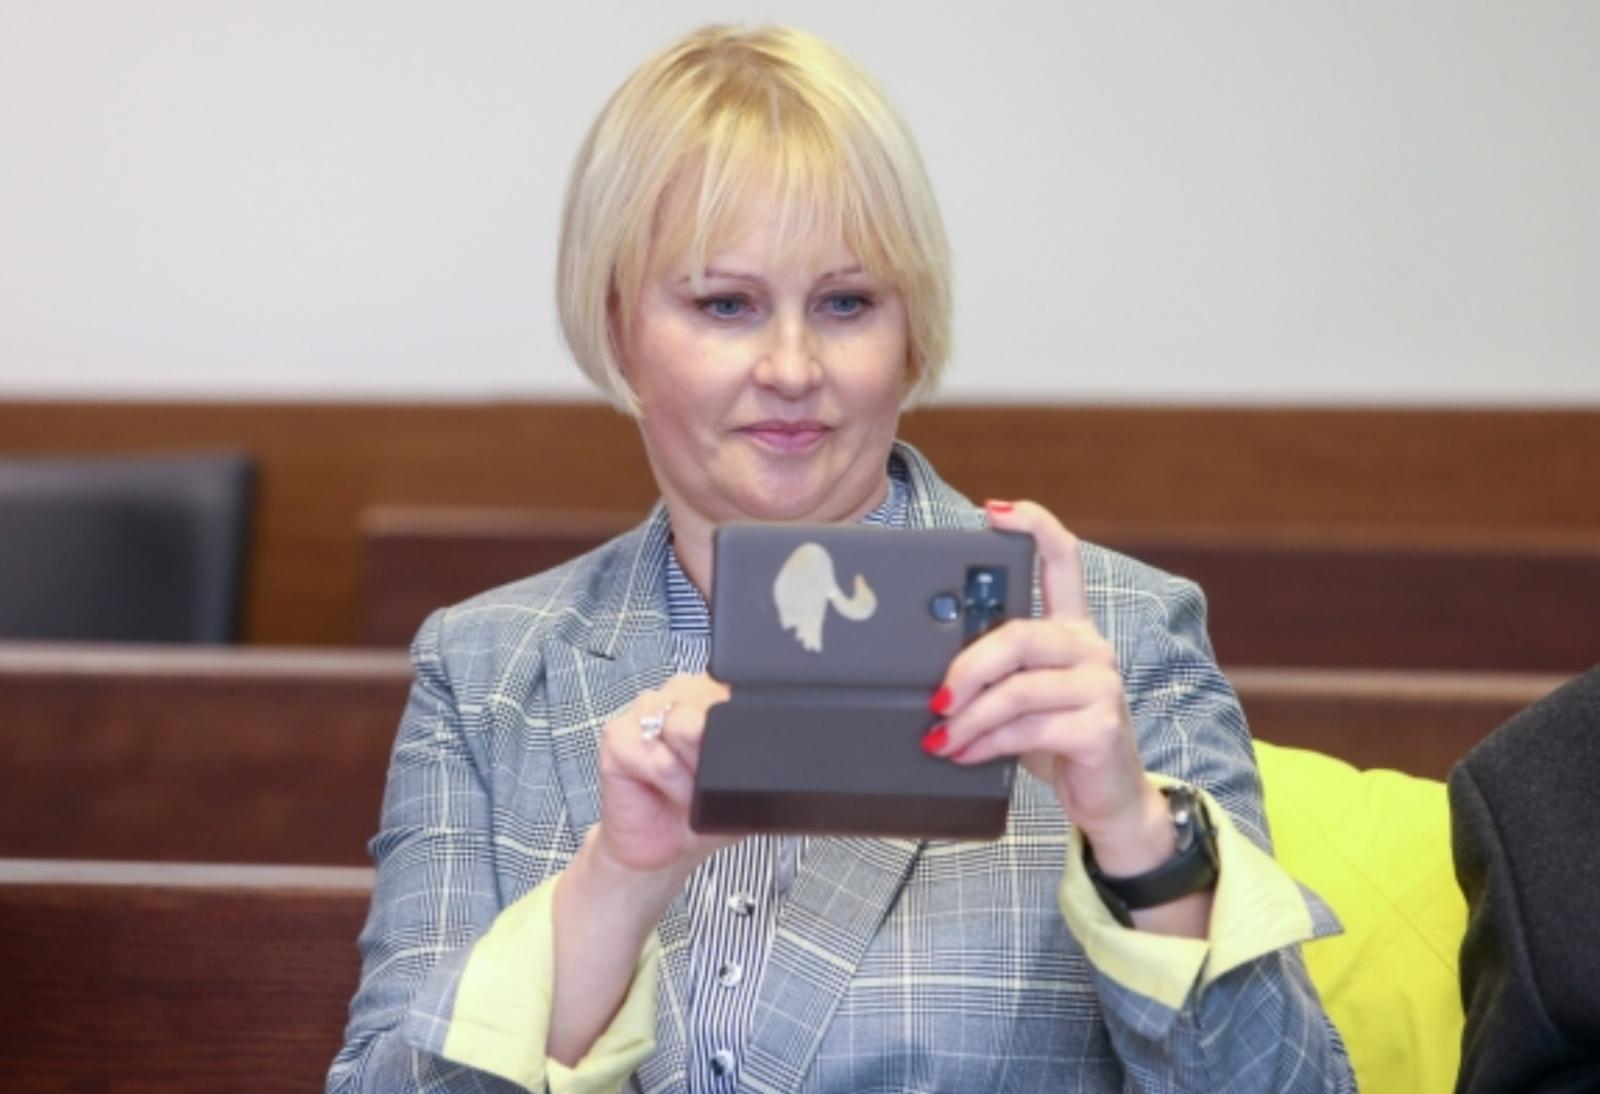 R. Janutienės bylą dėl šmeižto nagrinėjantis teismas prašo VRK naikinti jos neliečiamybę